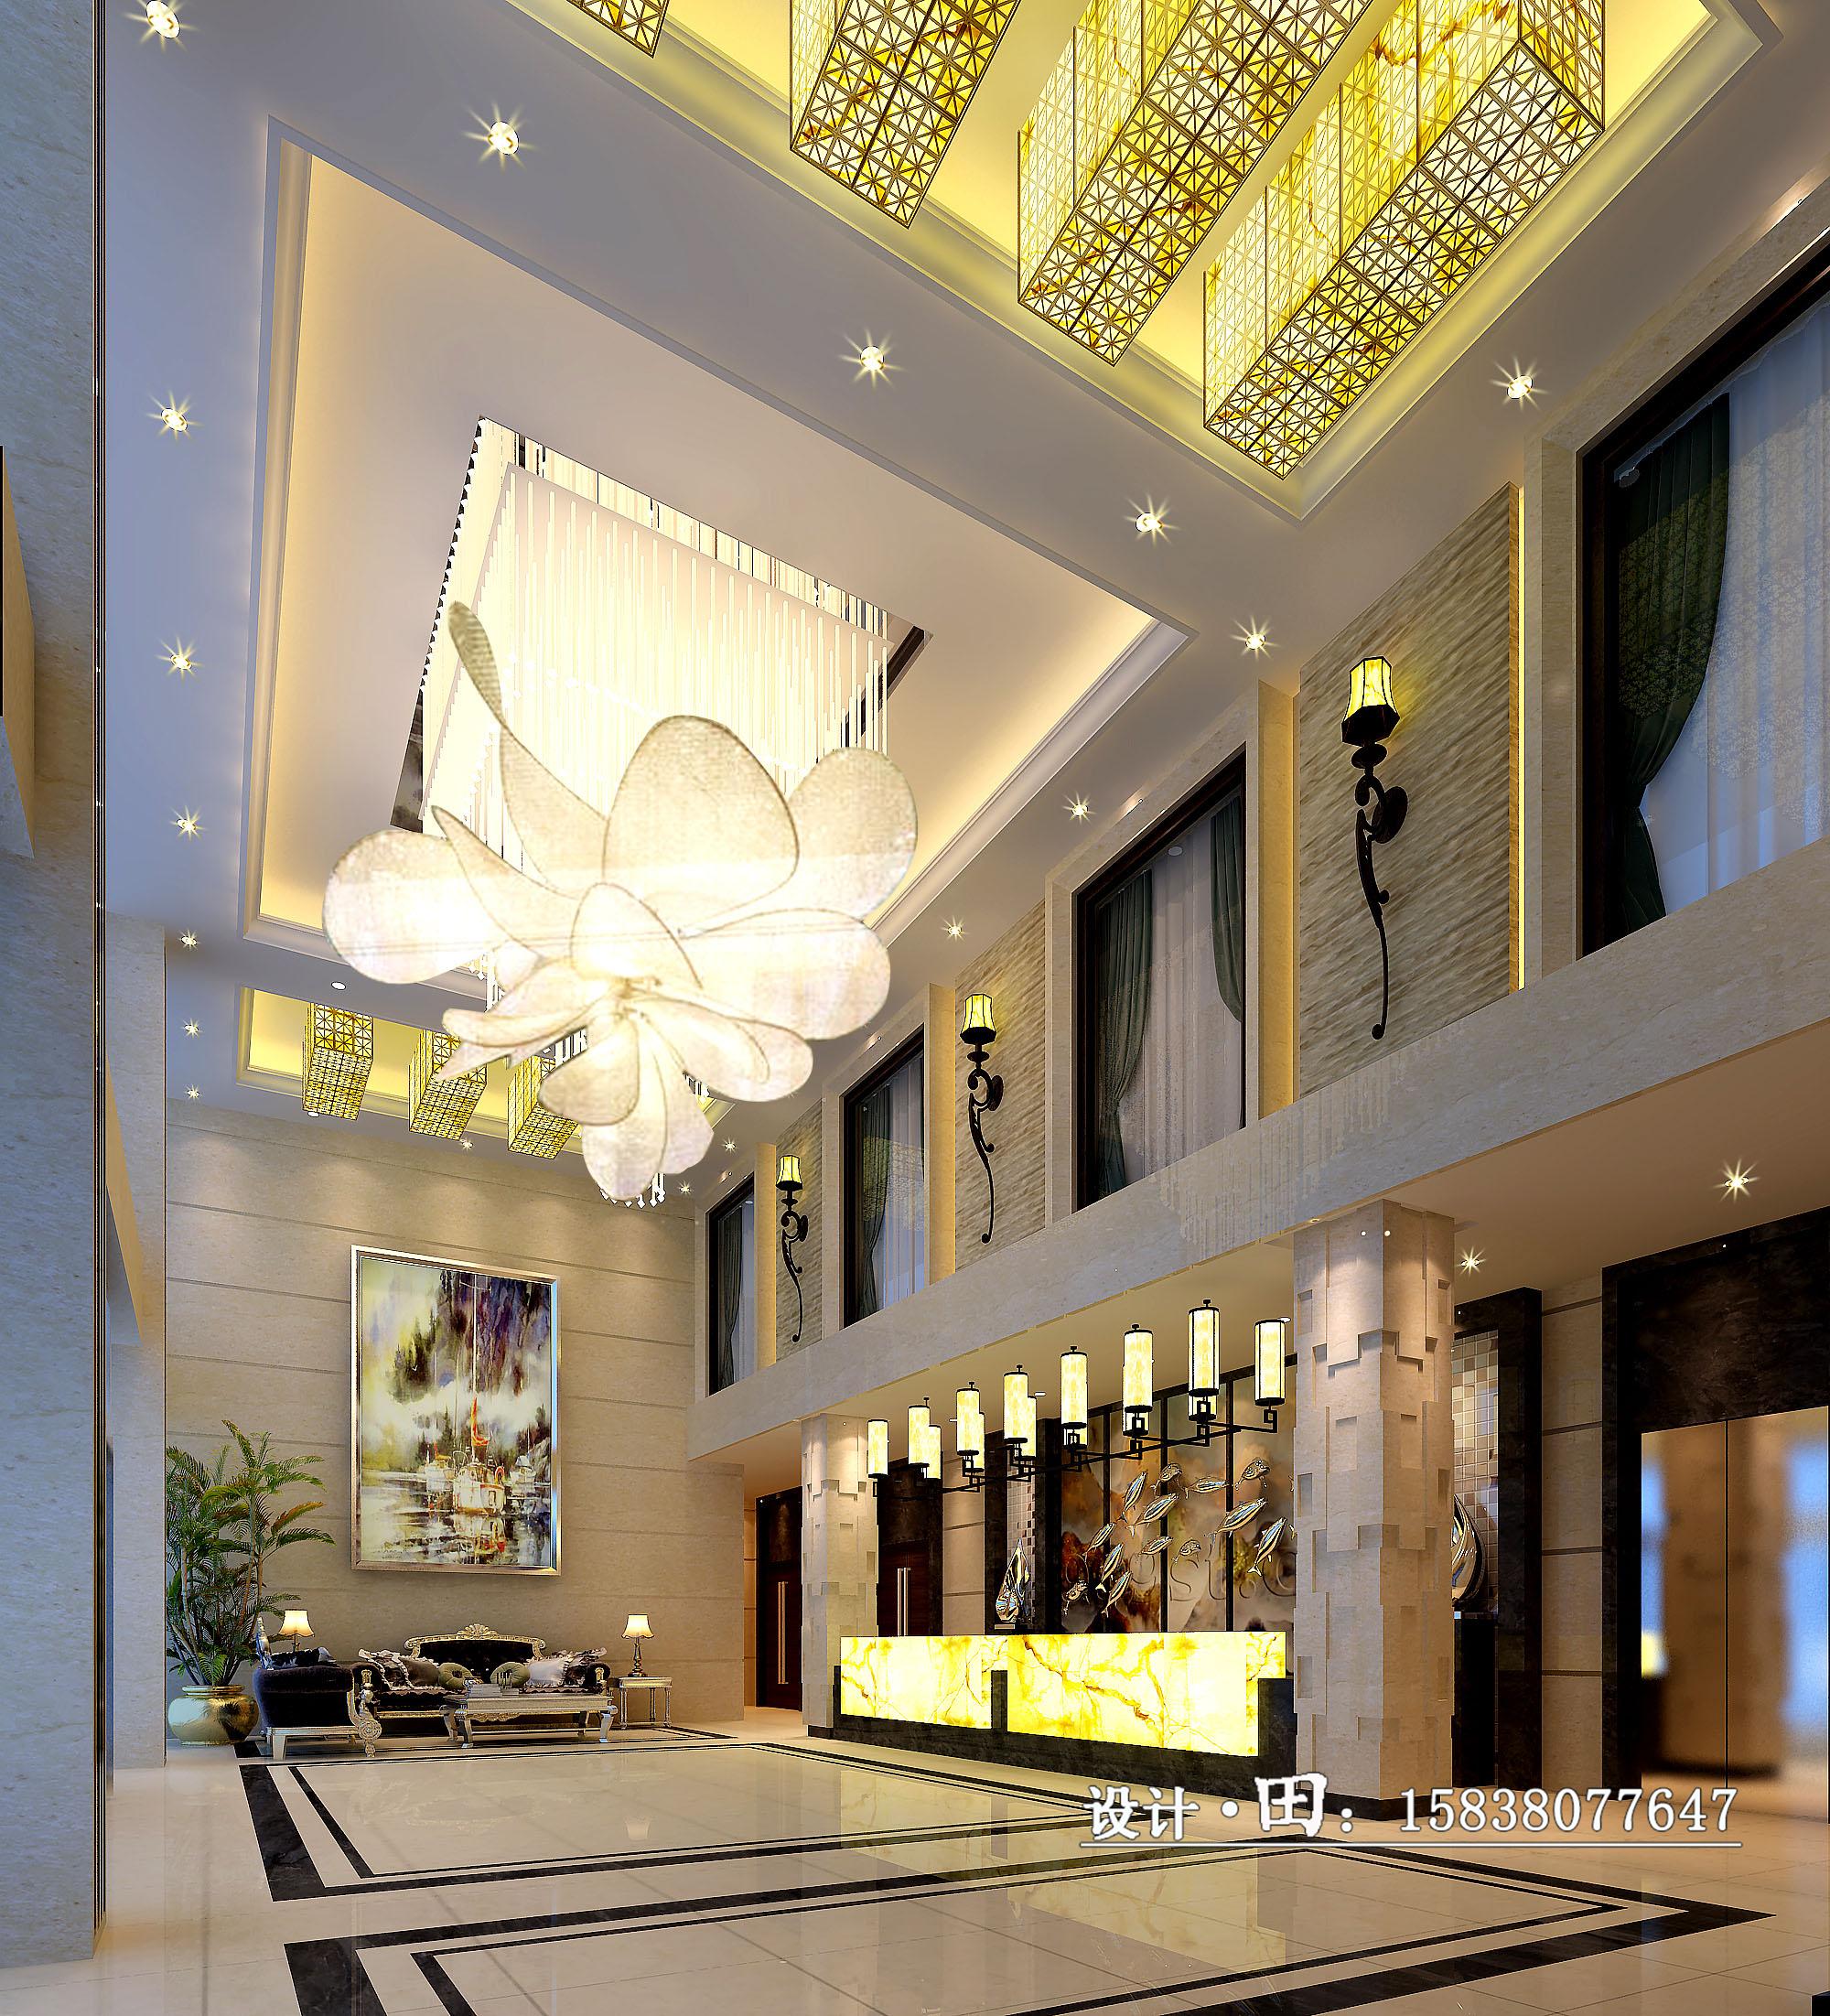 邯郸洗浴设计邯郸洗浴中心设计还是洗浴设计装修是刷漆好专业墙纸好图片